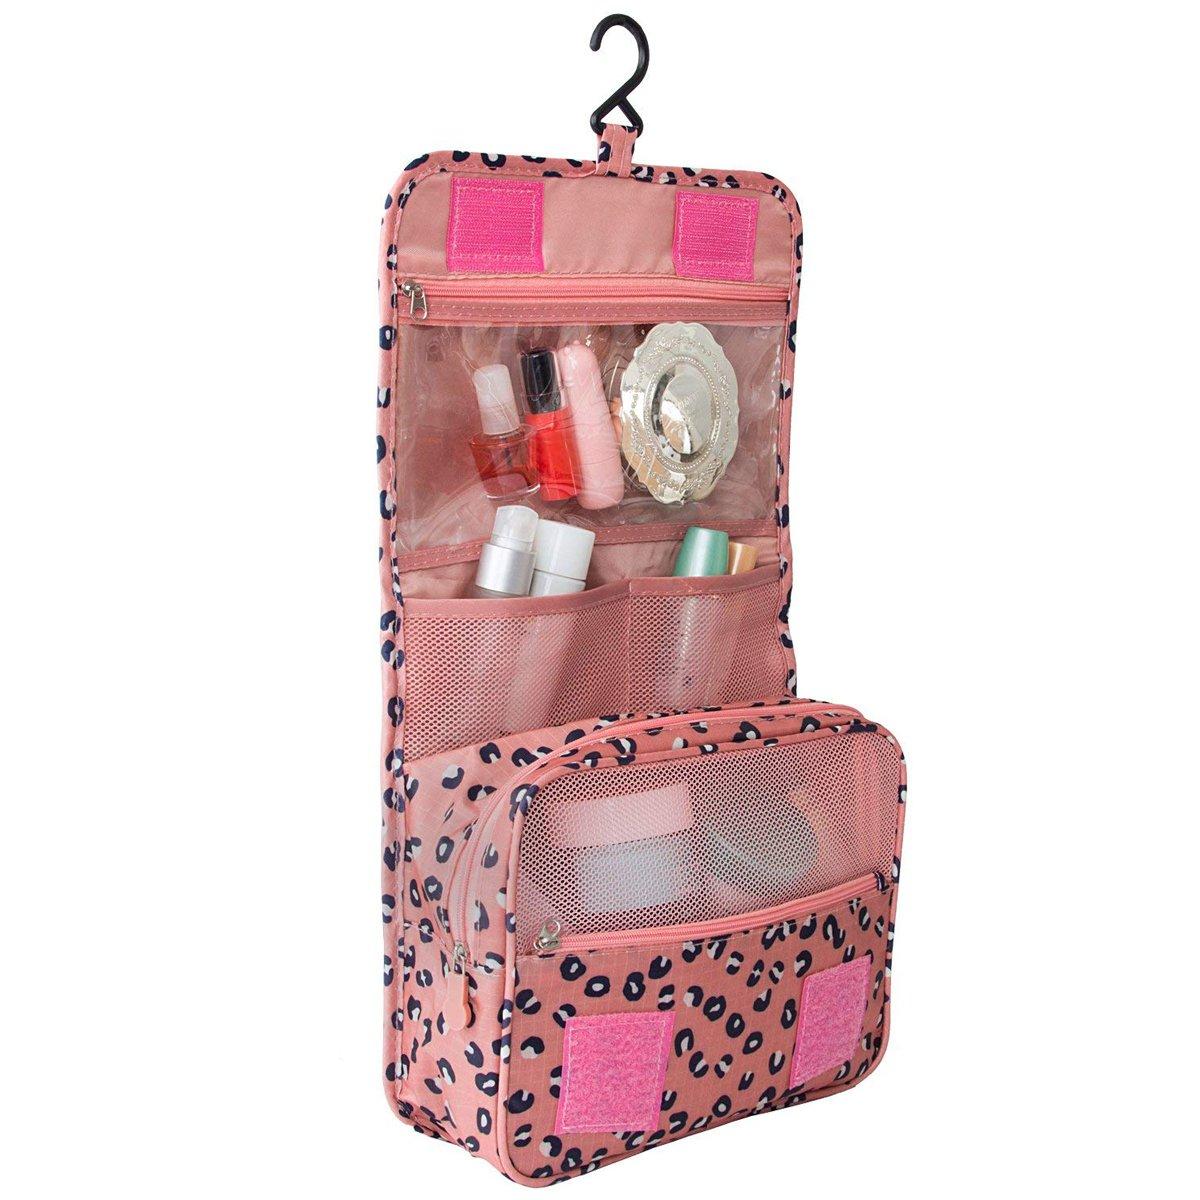 Trousse de Toilette de Voyage Pliable, EASEHOME Trousse Maquillage à Suspendre Imperméable Sac Cosmétique Maquillage Organisateur avec Crochet et Poignée pour Hommes Femmes, Léopard Pink